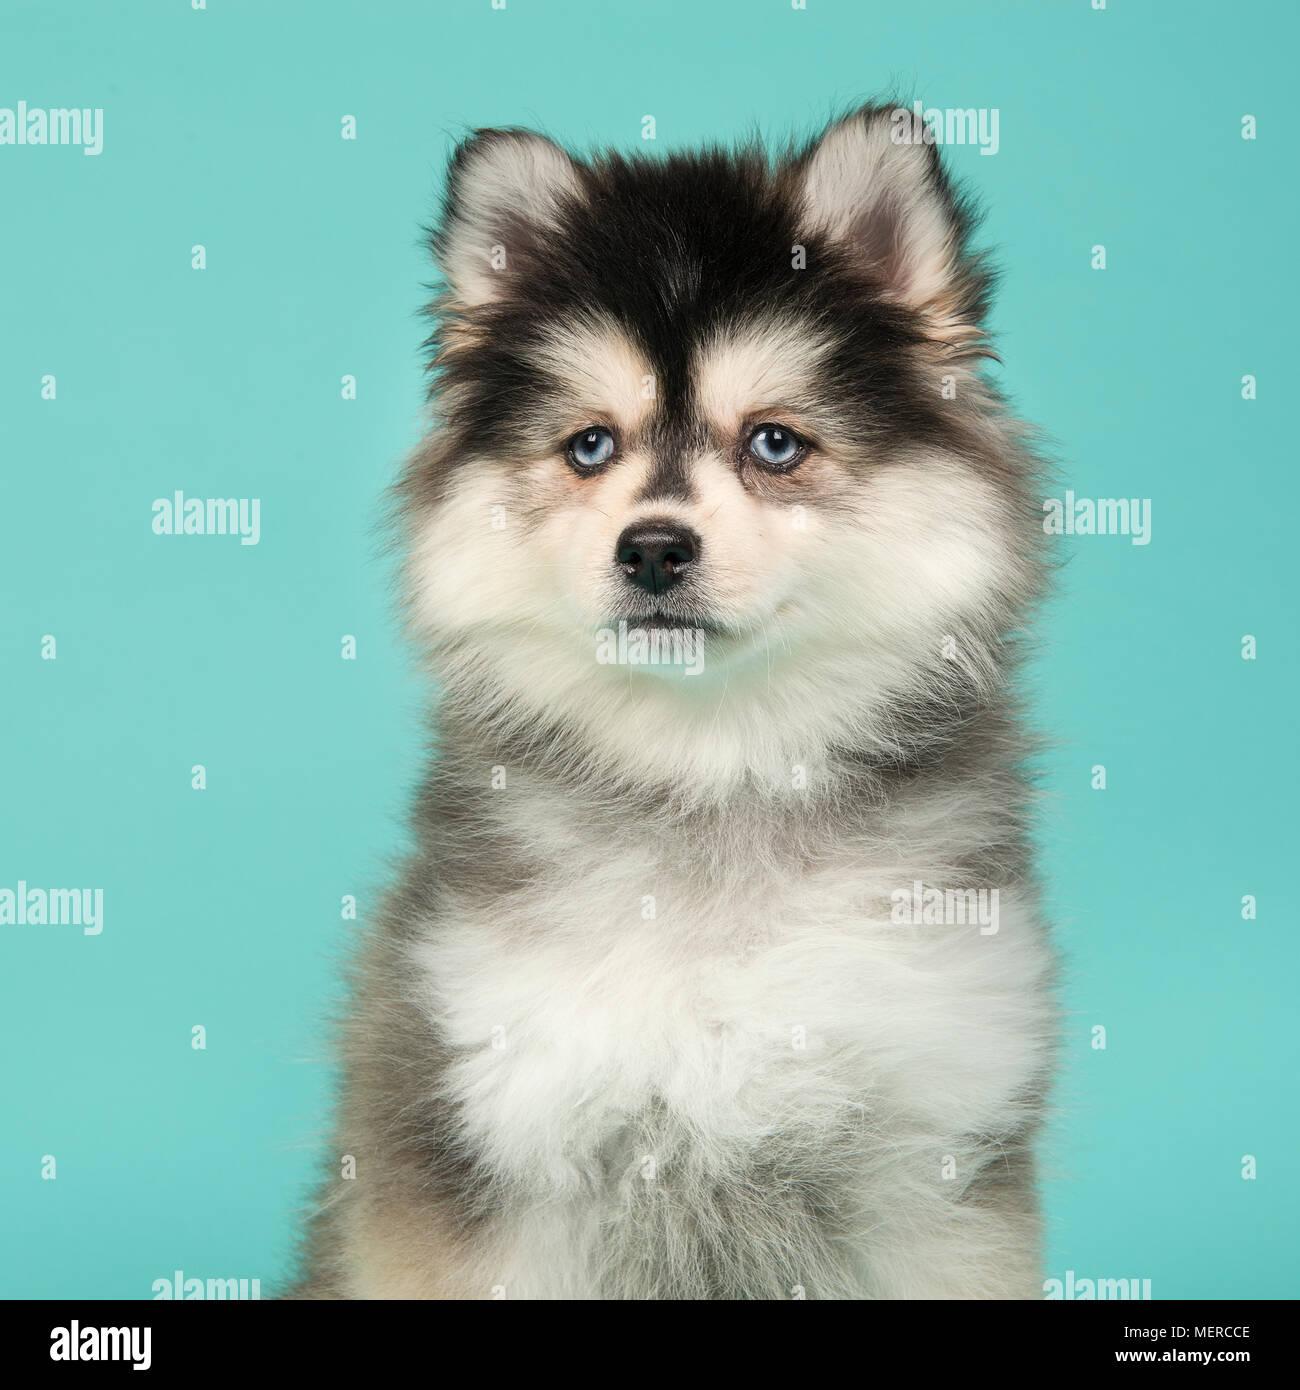 Porträt Eines Mini Husky Welpen Mit Blauen Augen Blickte Auf Ein